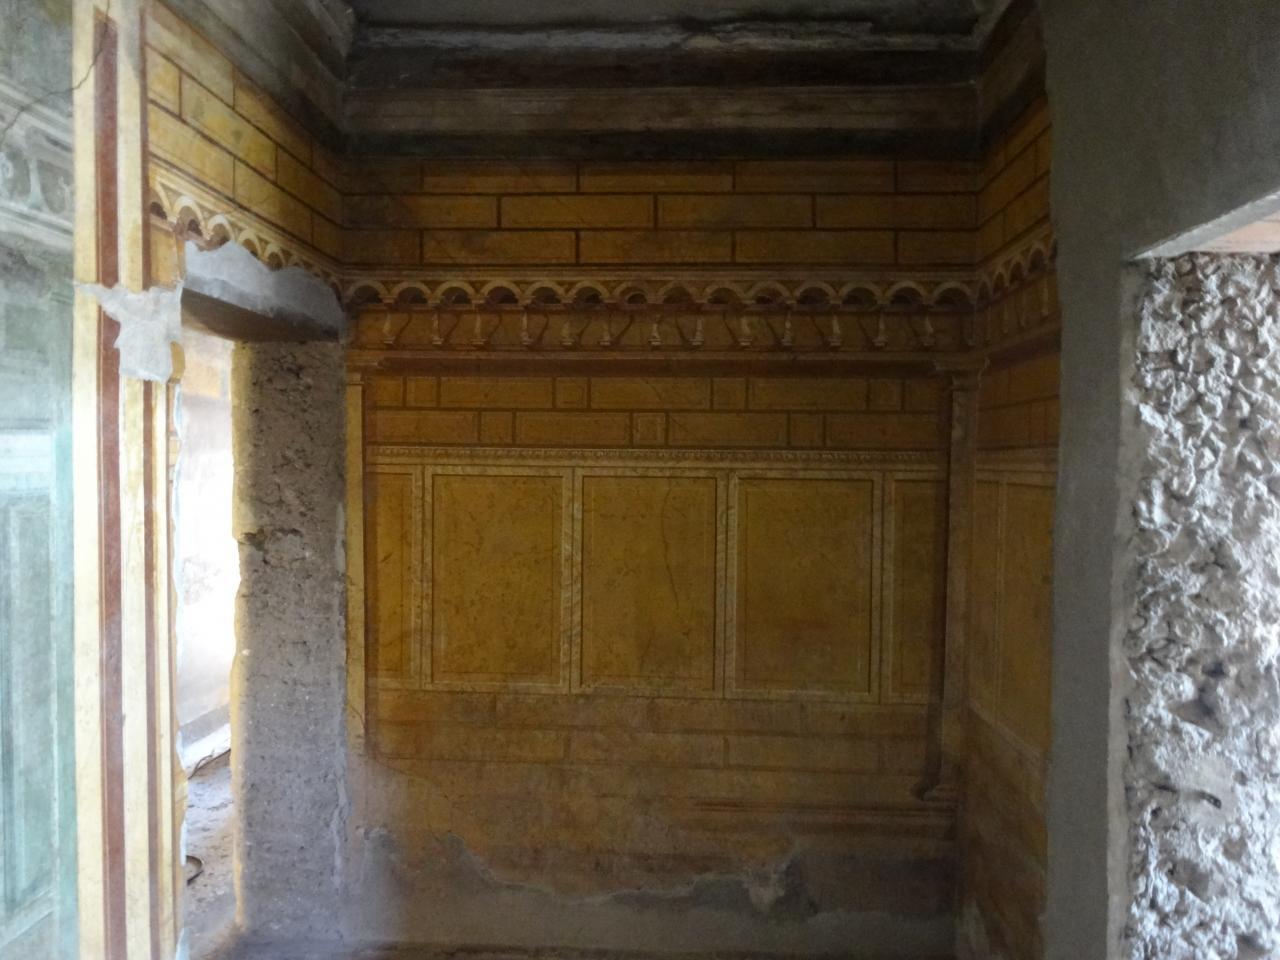 ポンペイ、ヘルクラネウム及びトッレ・アンヌンツィアータの遺跡地域の画像 p1_32